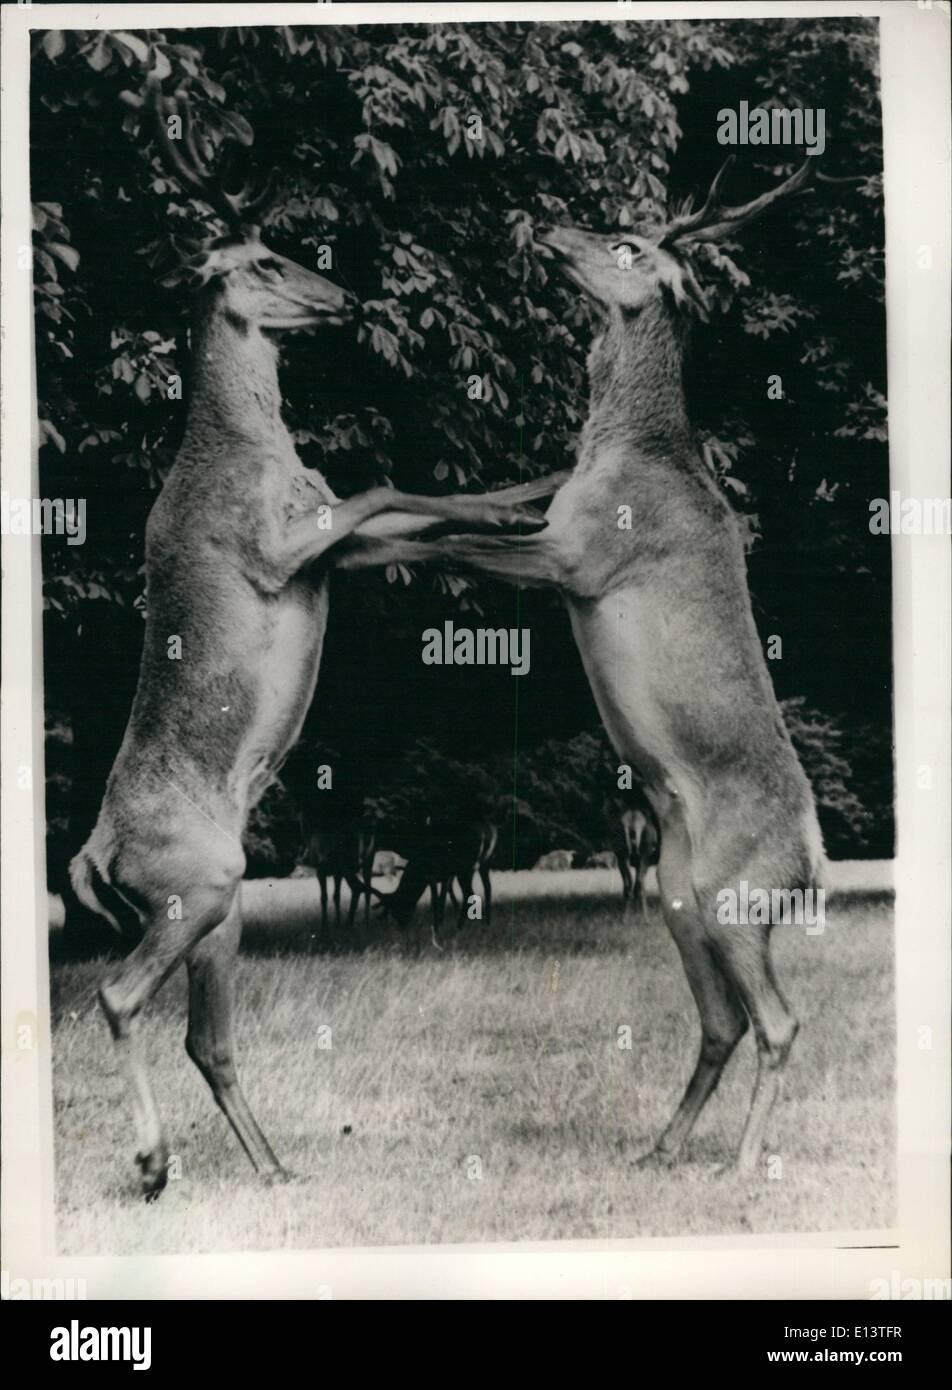 """27. März 2012 - Liebe - Hirsch. """"Shall we dance?"""". Suchen Sie viel, als ob sie sich eines Walzers erfreuen - oder es, ein Tango sein könnte - ein Stockbild"""